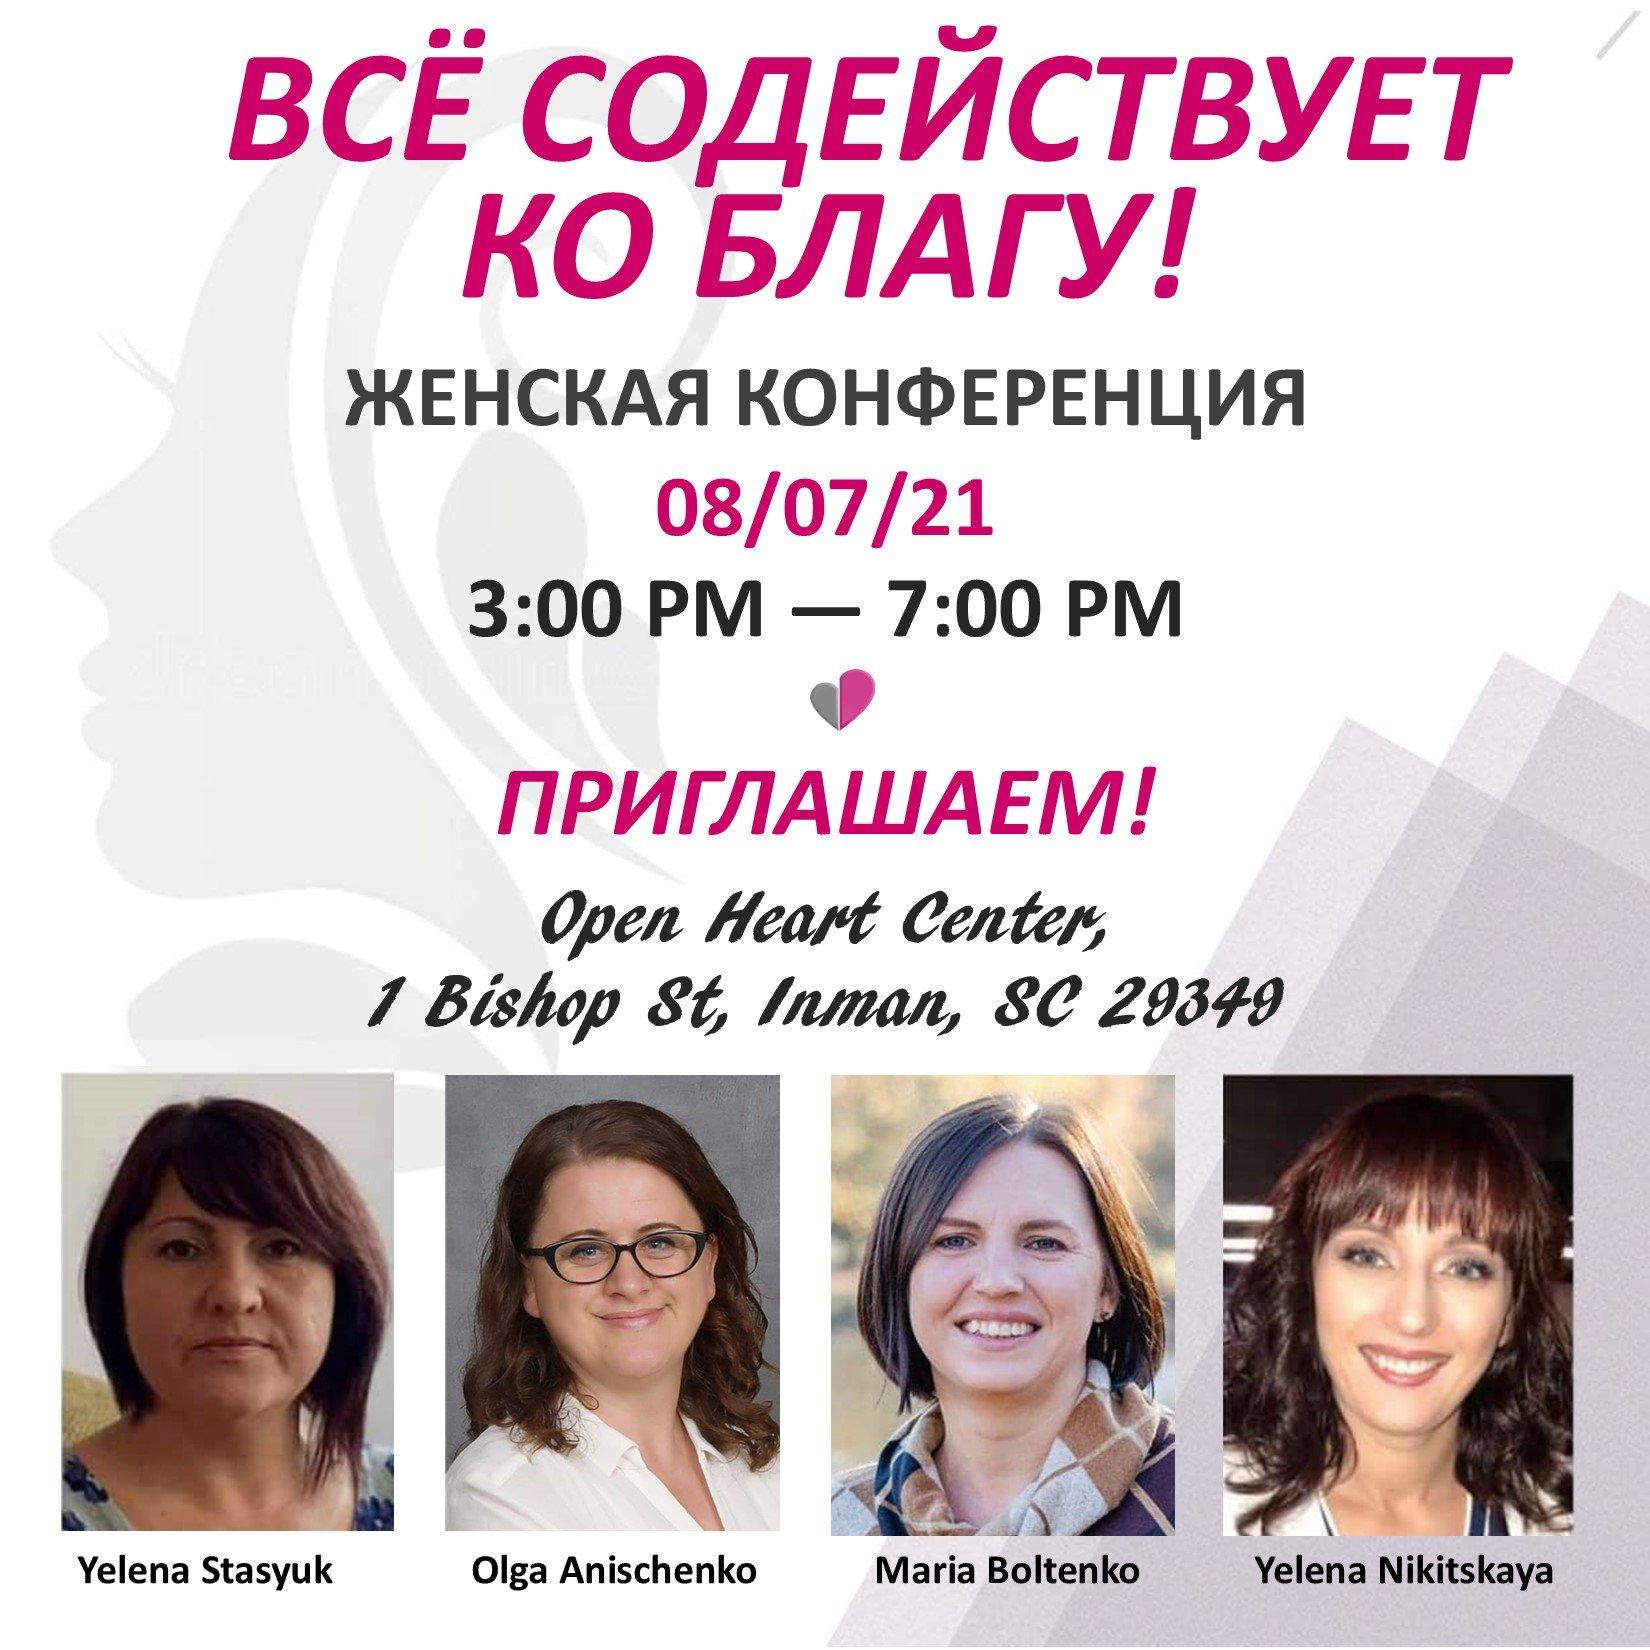 """первая женская конференция в центре """"открытое сердце"""", INMAN, SC – 08/07/21"""